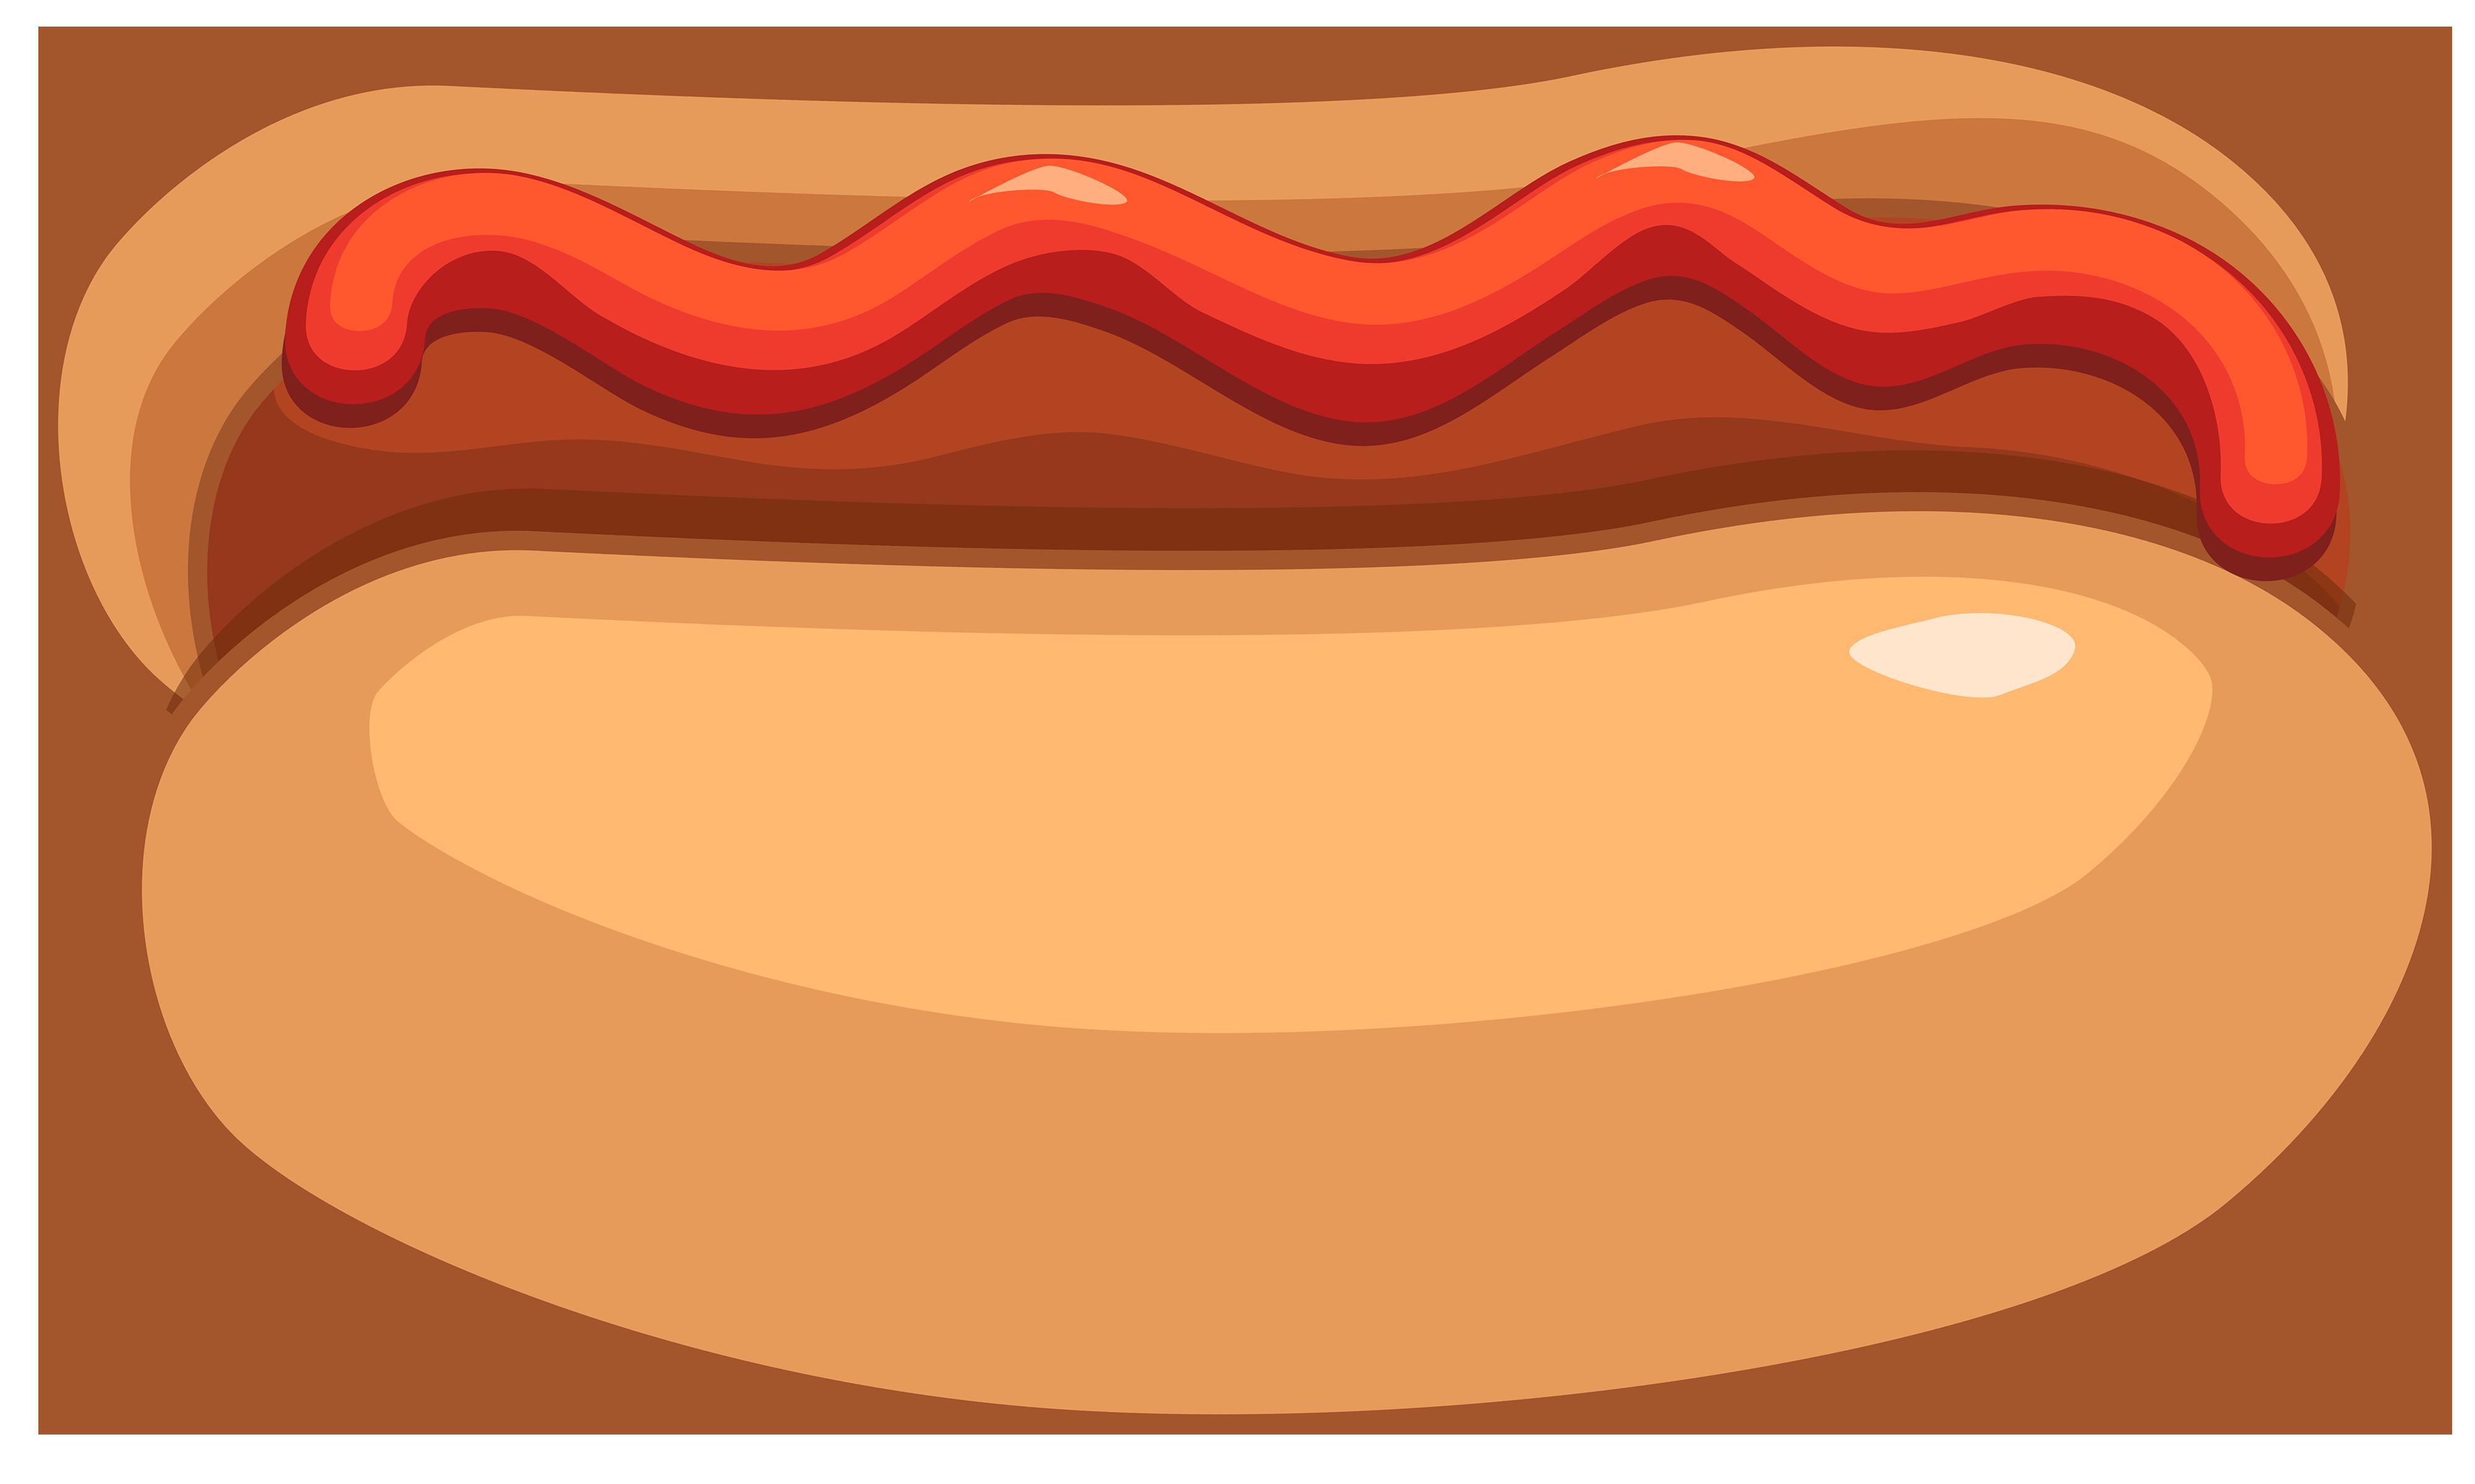 Hot dog and ketchup clipart .